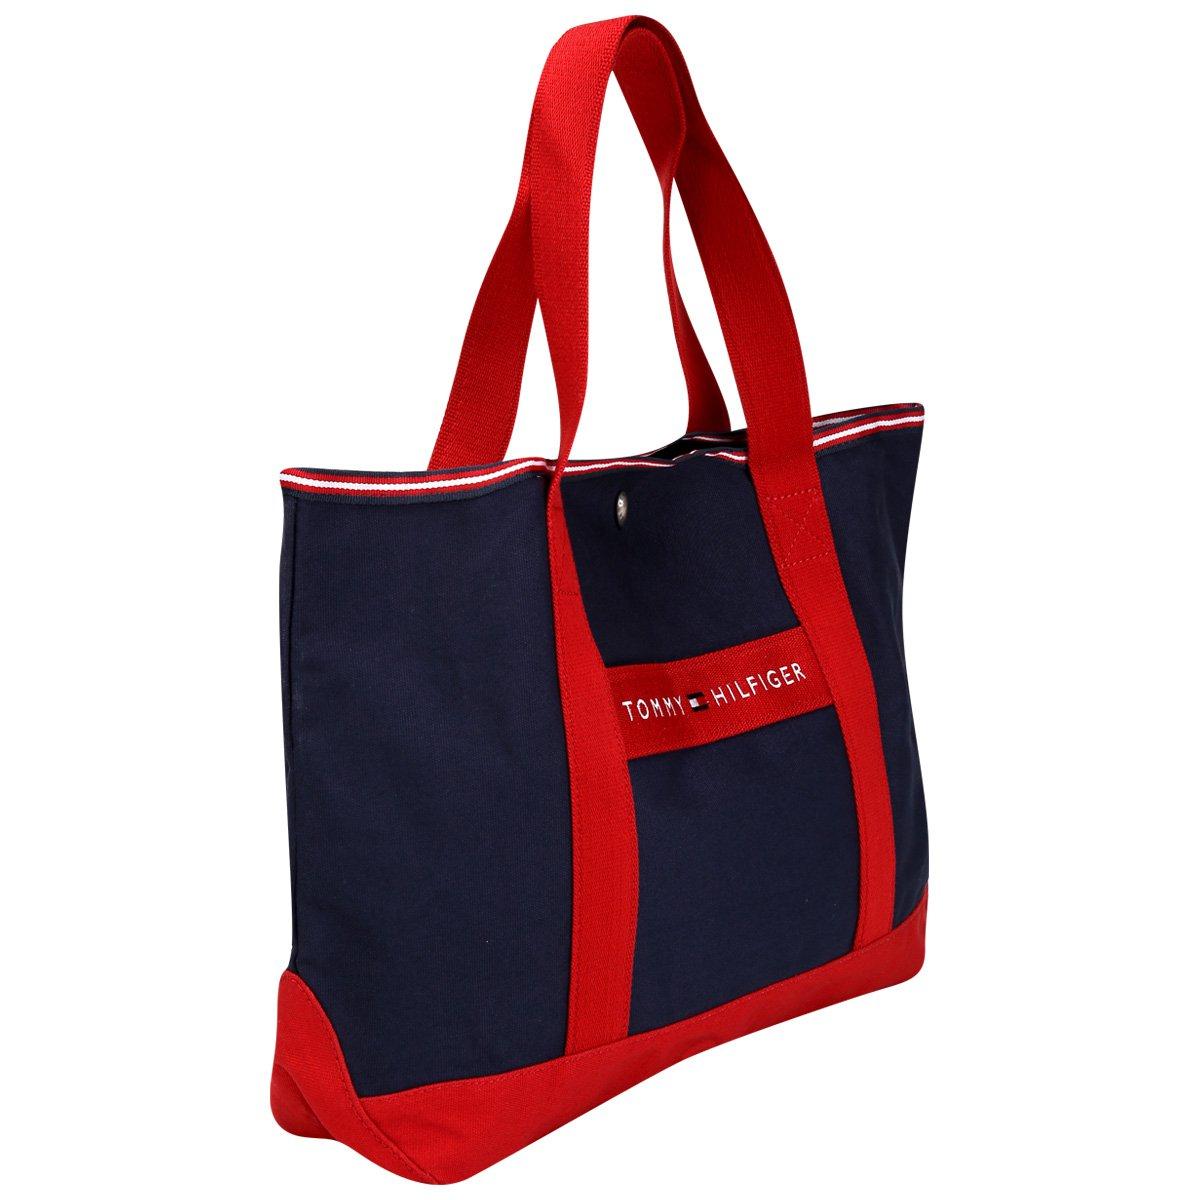 f3f17c663da Bolsa Tommy Hilfiger Shopper - Compre Agora